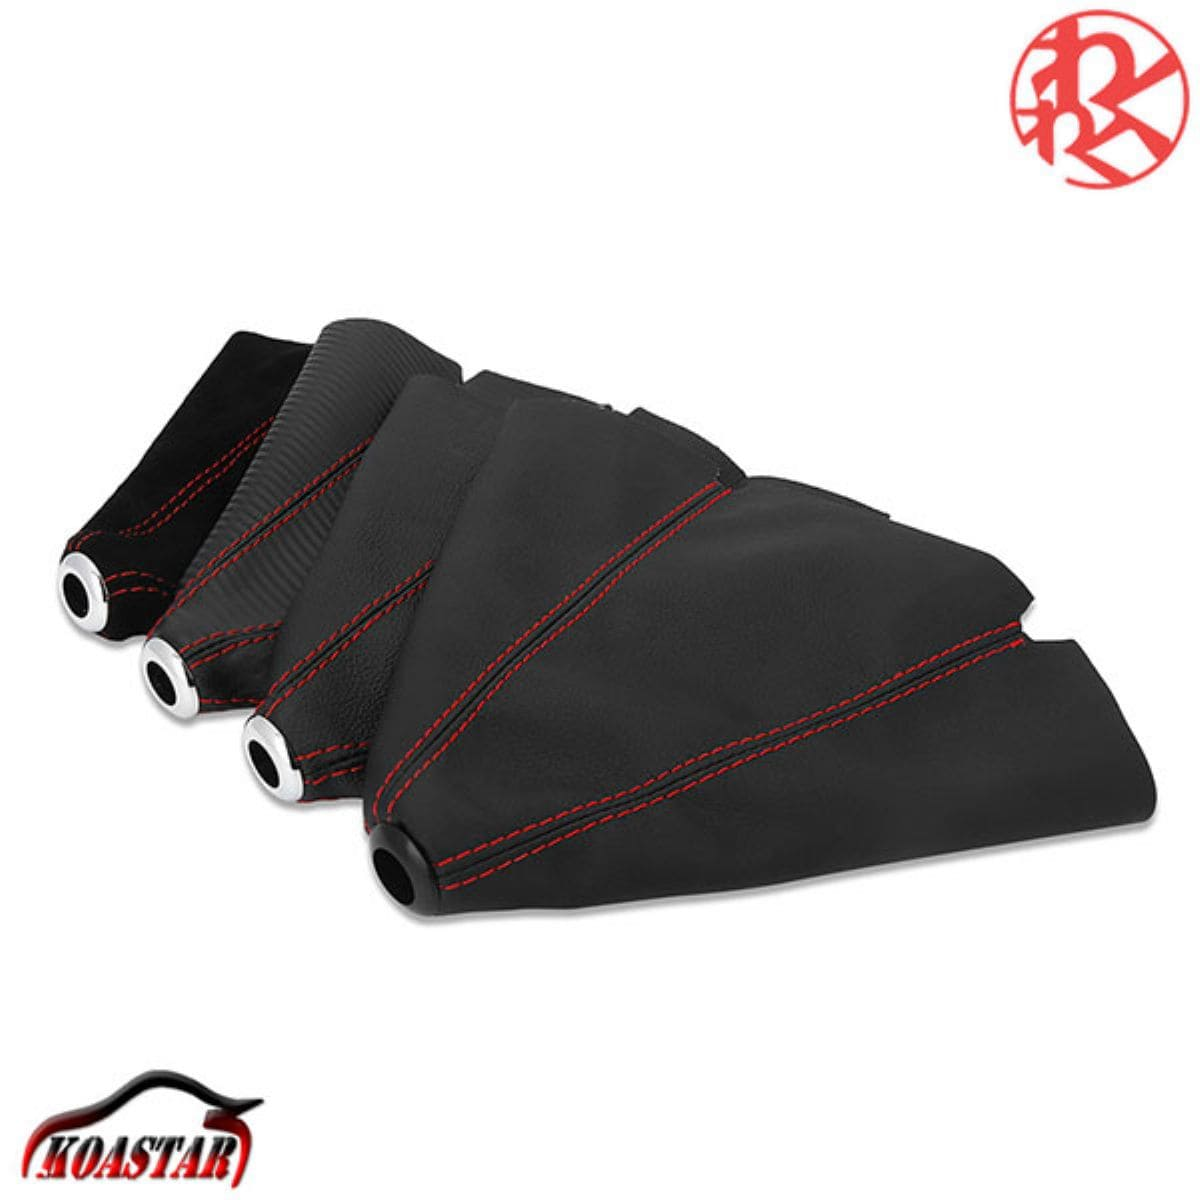 24時間限定限定価格 高品質新品 シフトカバー シフトブーツ カーボン 調 ブラック ギアシフト 黒 レッドステッチ 通信販売 わくわくファイネスト